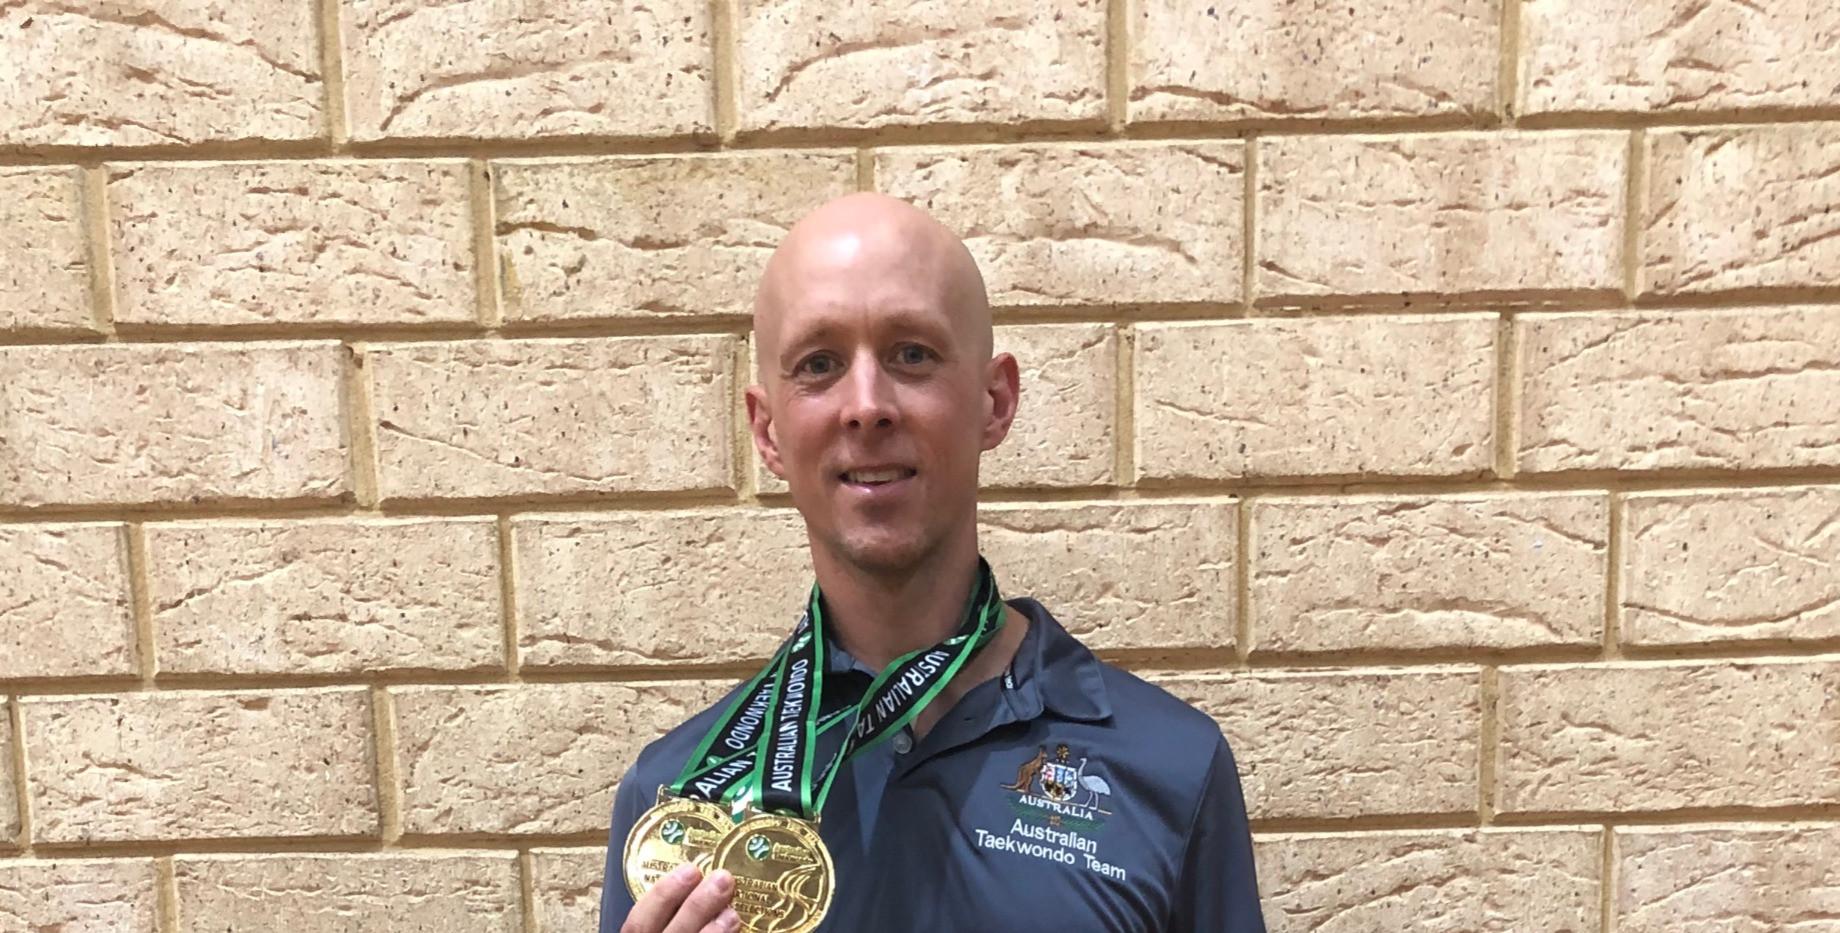 Al wins double at Australian Taekwondo Selections